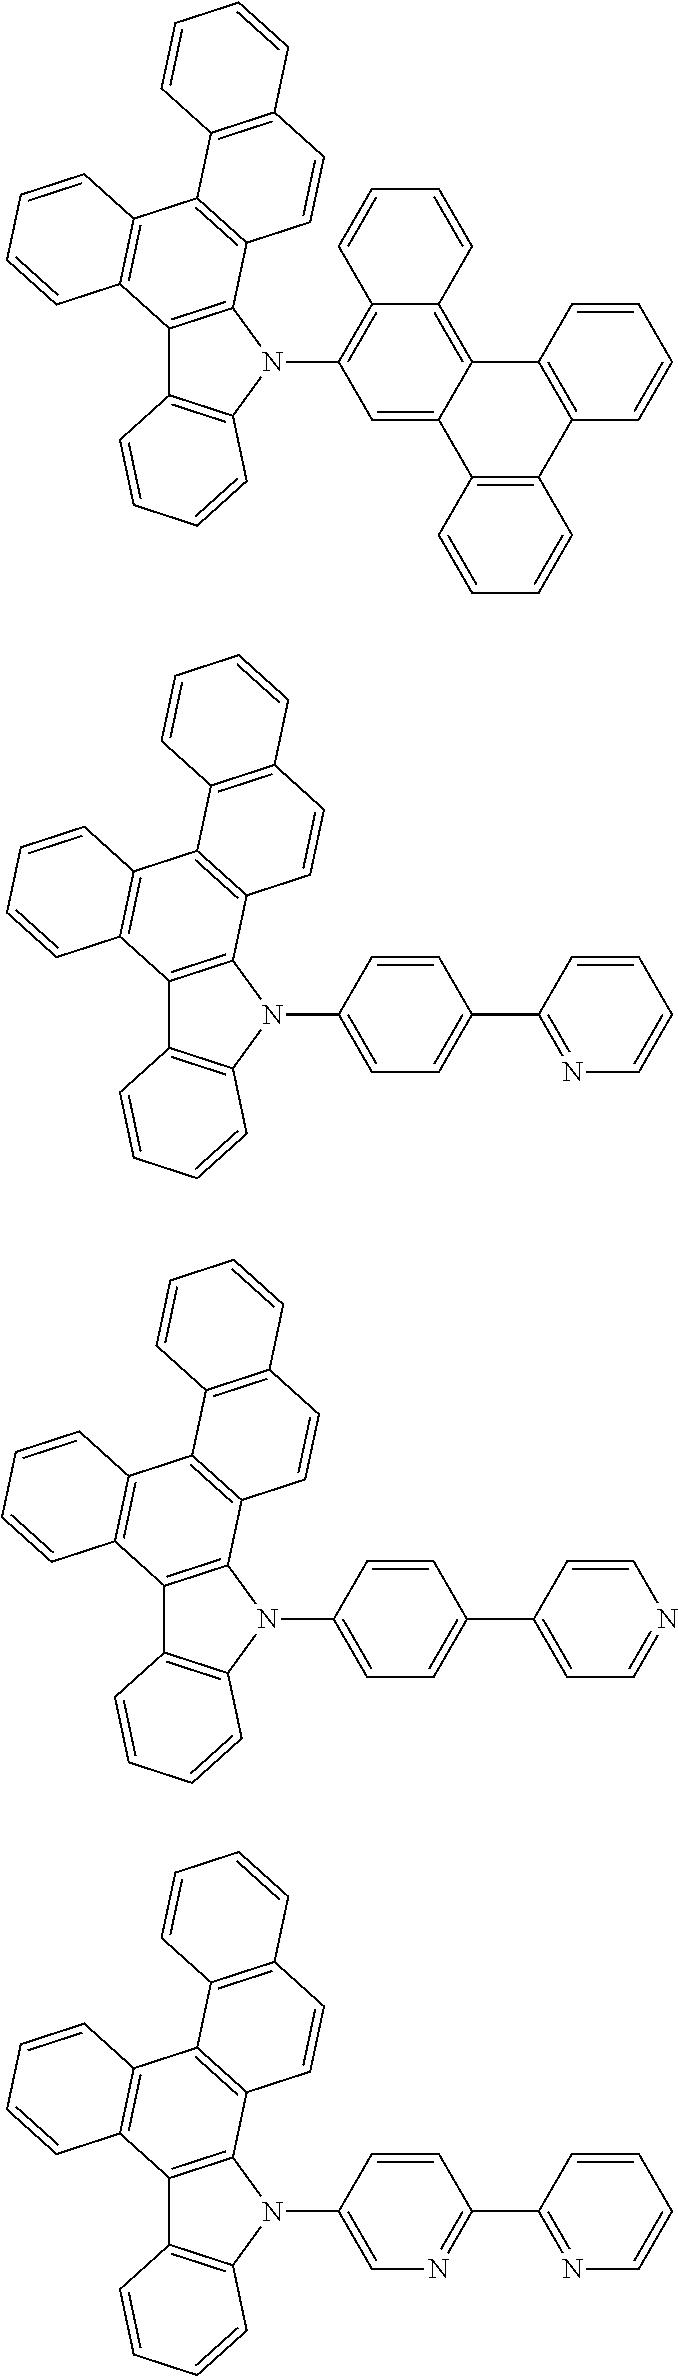 Figure US09837615-20171205-C00056